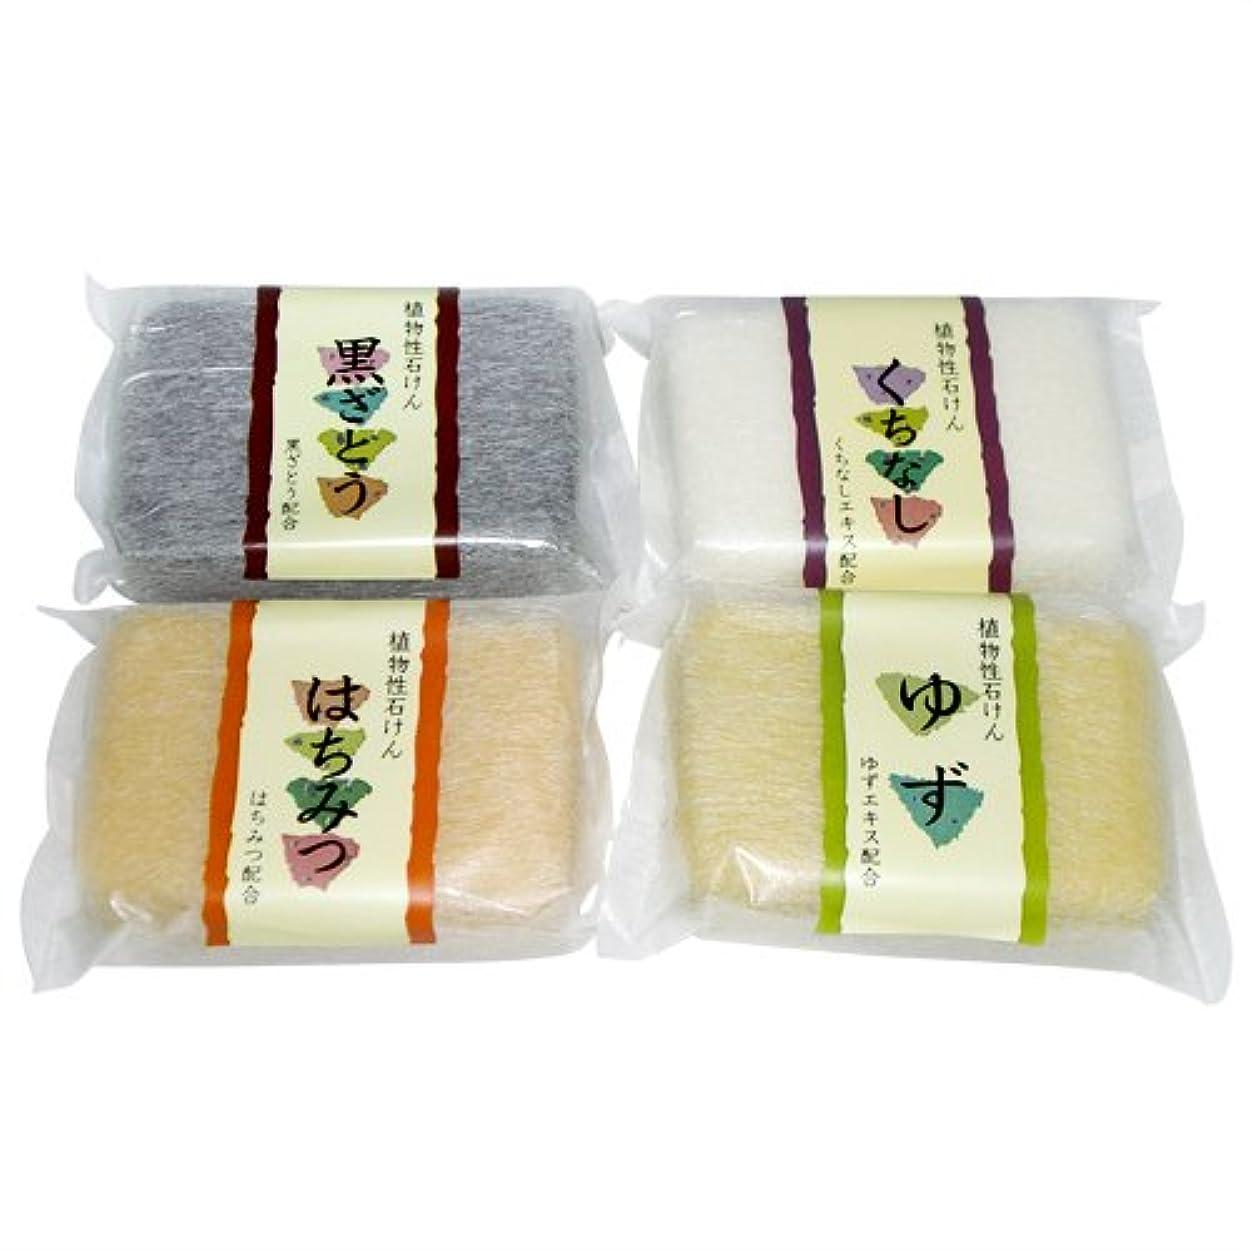 歯科医通常窓を洗う植物性ソープ 自然石けん (80g) 種類おまかせ 2個セット